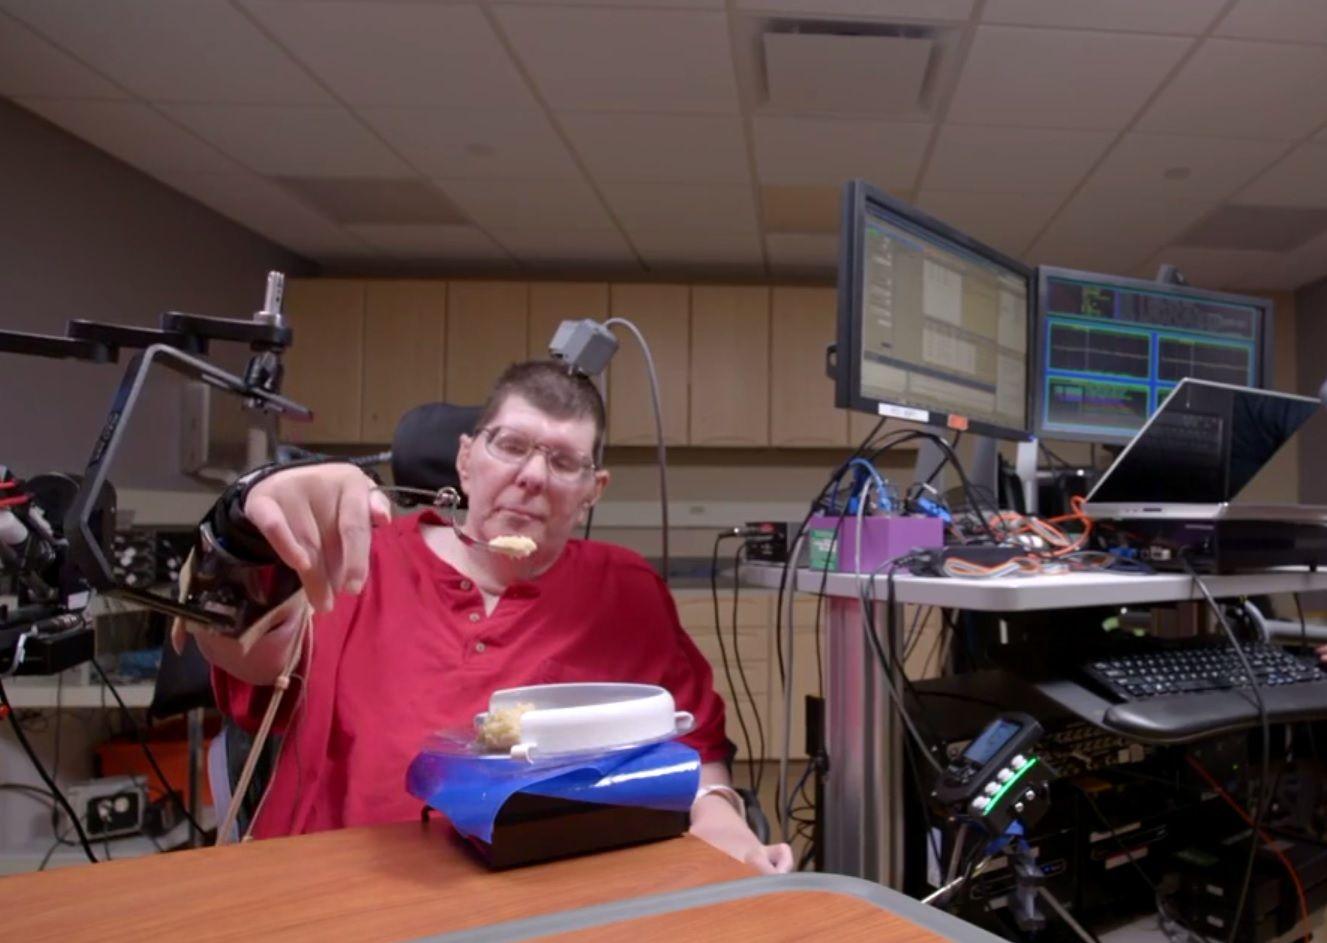 brain implant prosthetic paralused quadriplegic